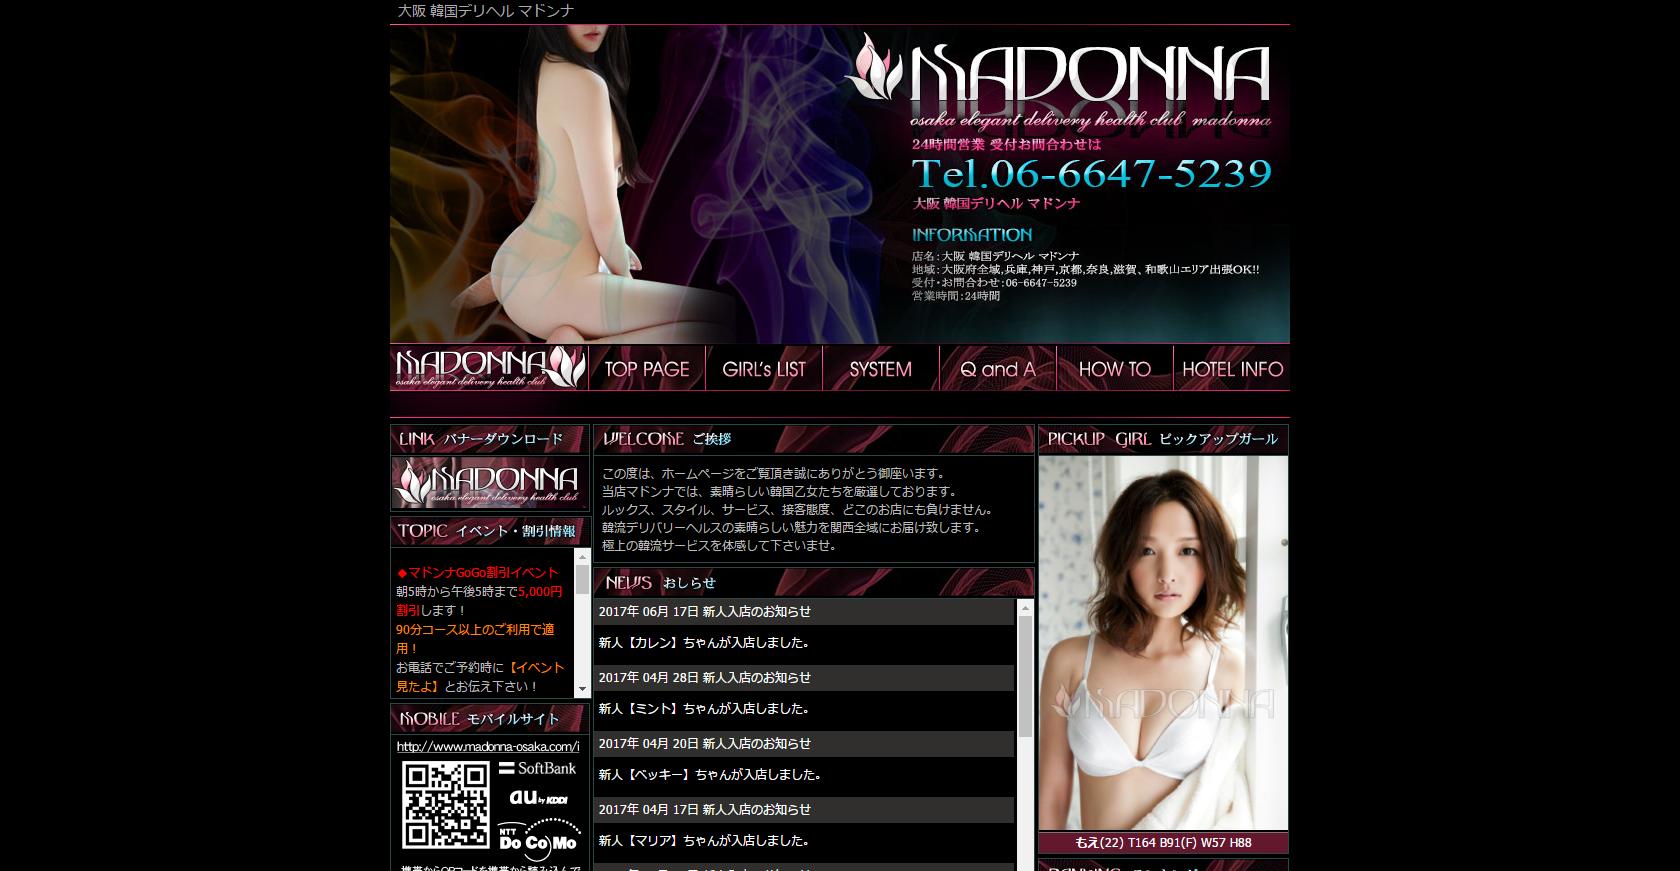 大阪 韓国デリヘル マドンナ 『MADONNA』